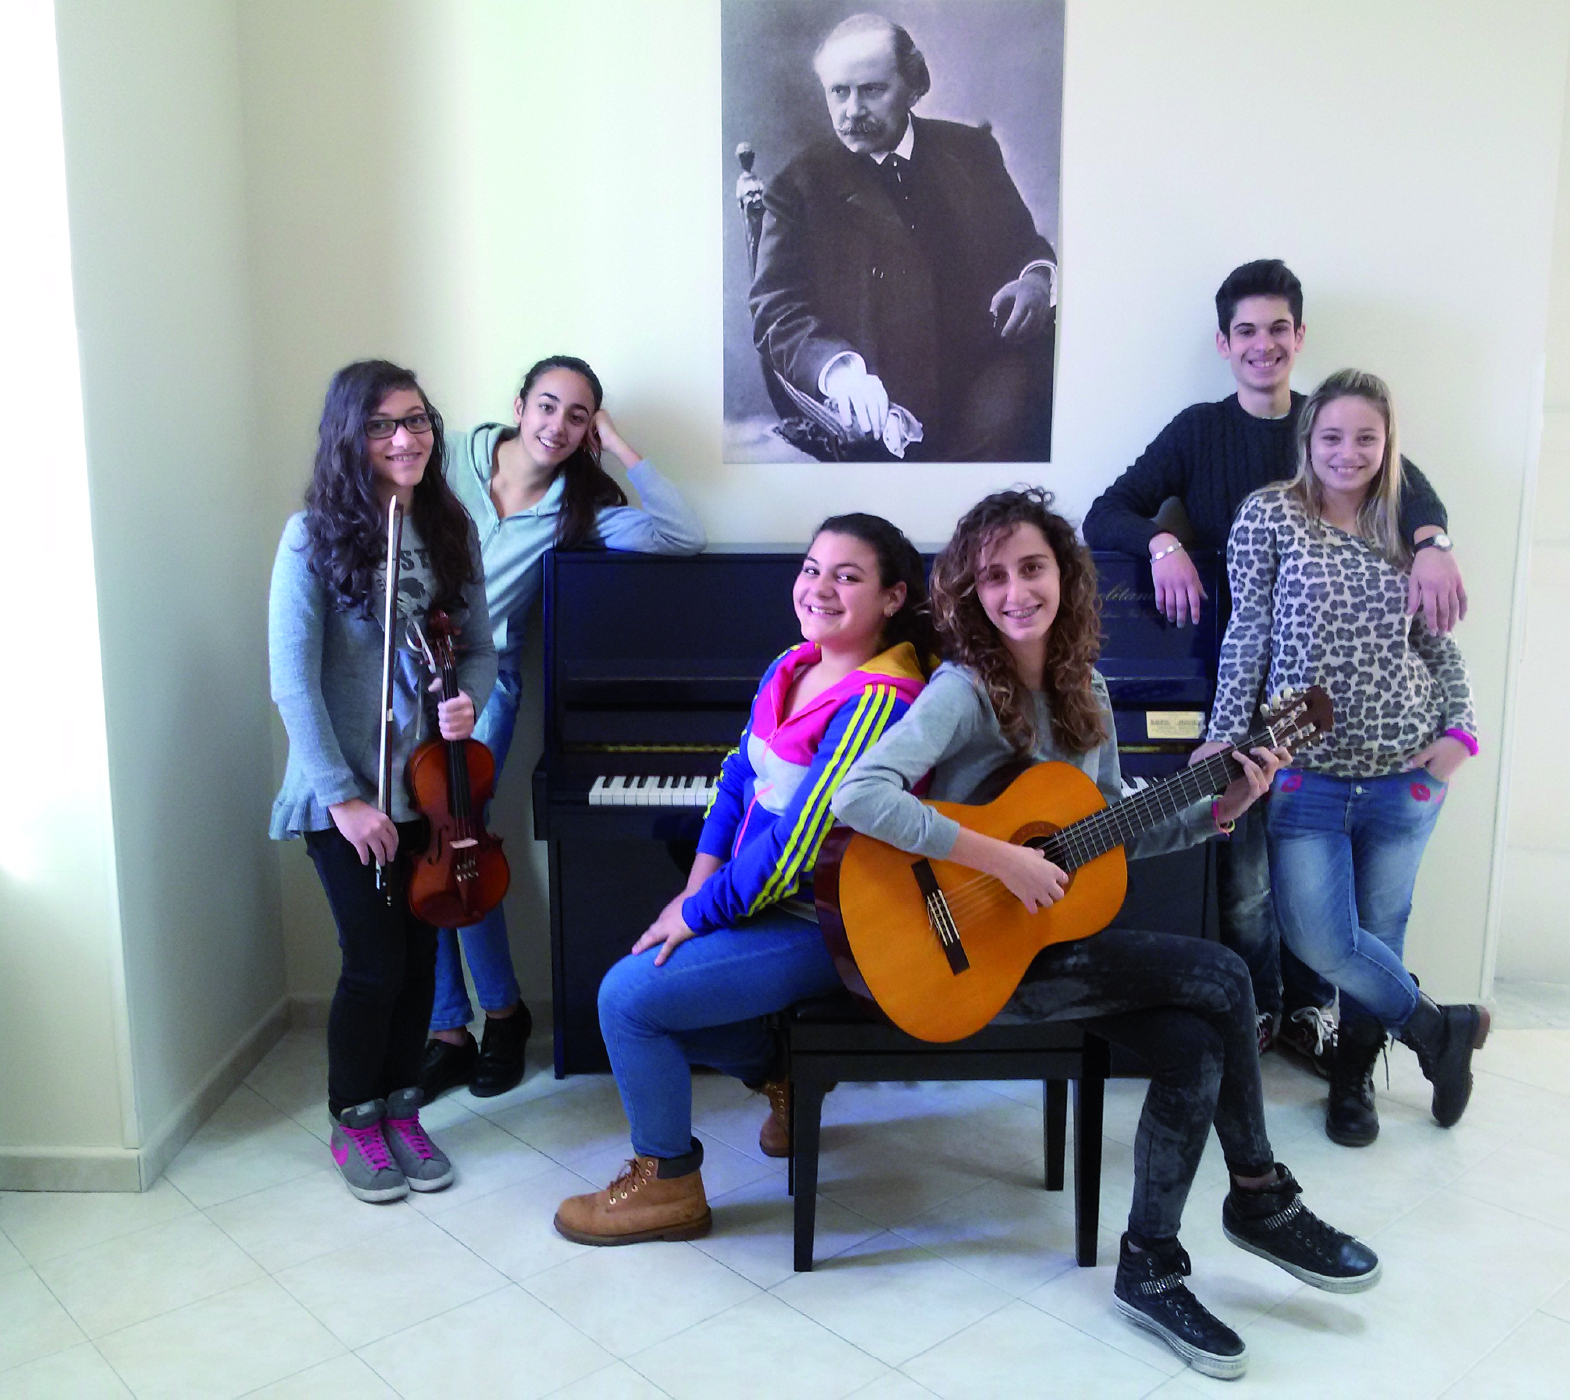 Liceo Musicale Di Martino Aladino Portici - Napoli  liceo musicale come liceo milano